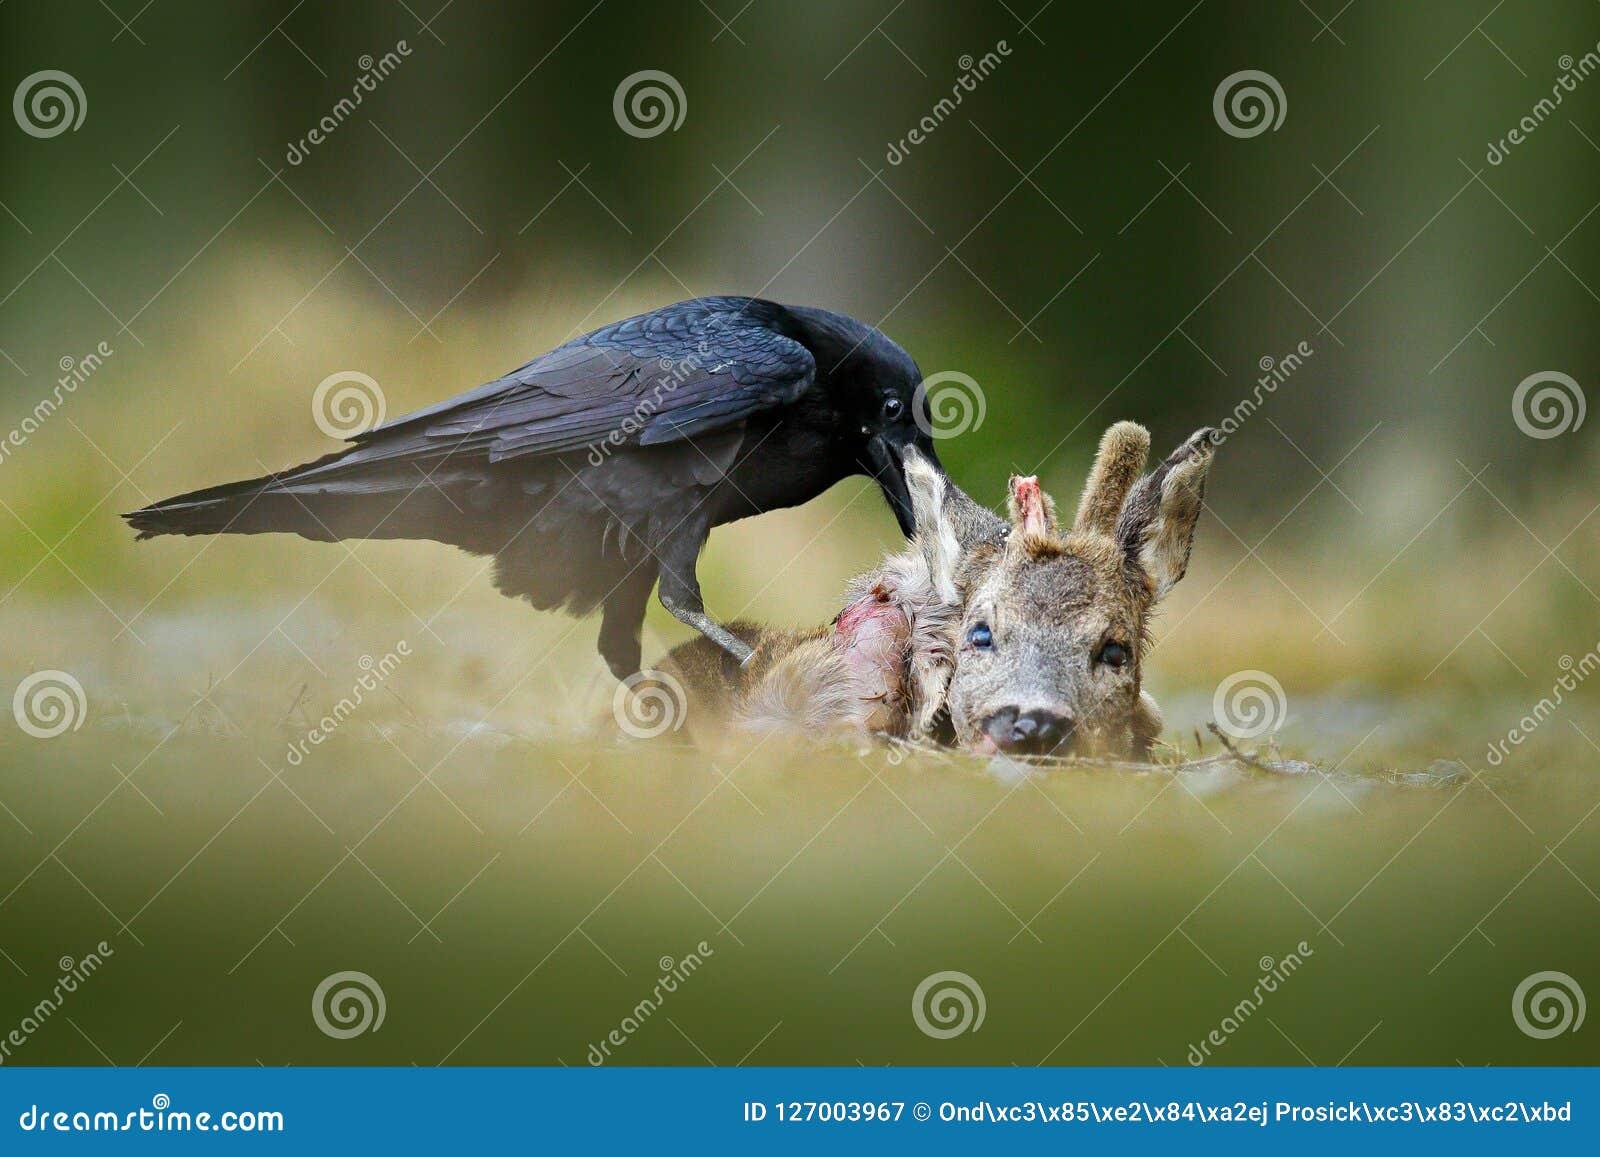 Κοράκι με τα νεκρά ευρωπαϊκά ελάφια αυγοτάραχων, σφάγιο στο δασικό μαύρο πουλί με το κεφάλι στο δασικό δρόμο Ζώο behavir, SCE σίτ